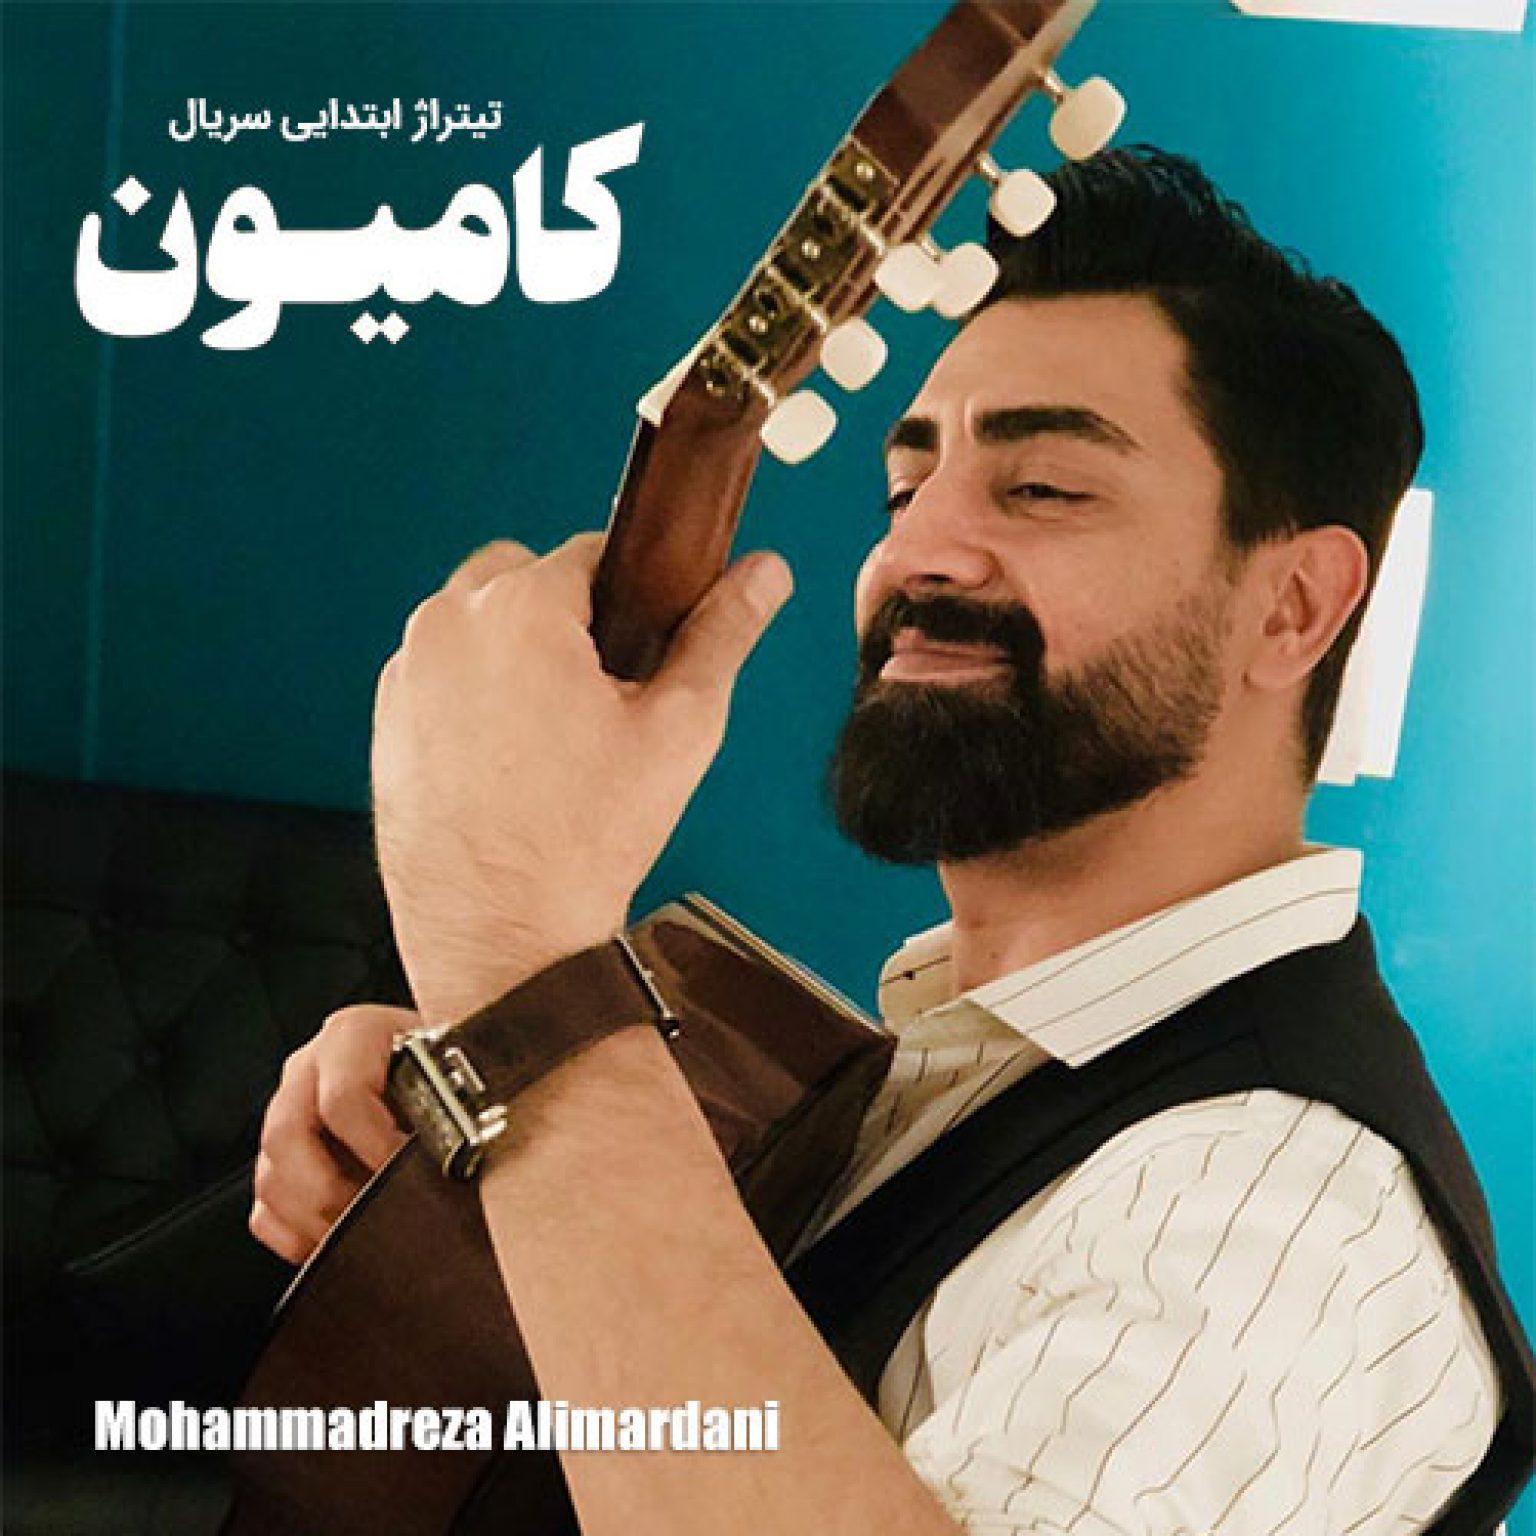 دانلود آهنگ تیتراژ ابتدایی سریال کامیون از محمدرضا علیمردانی